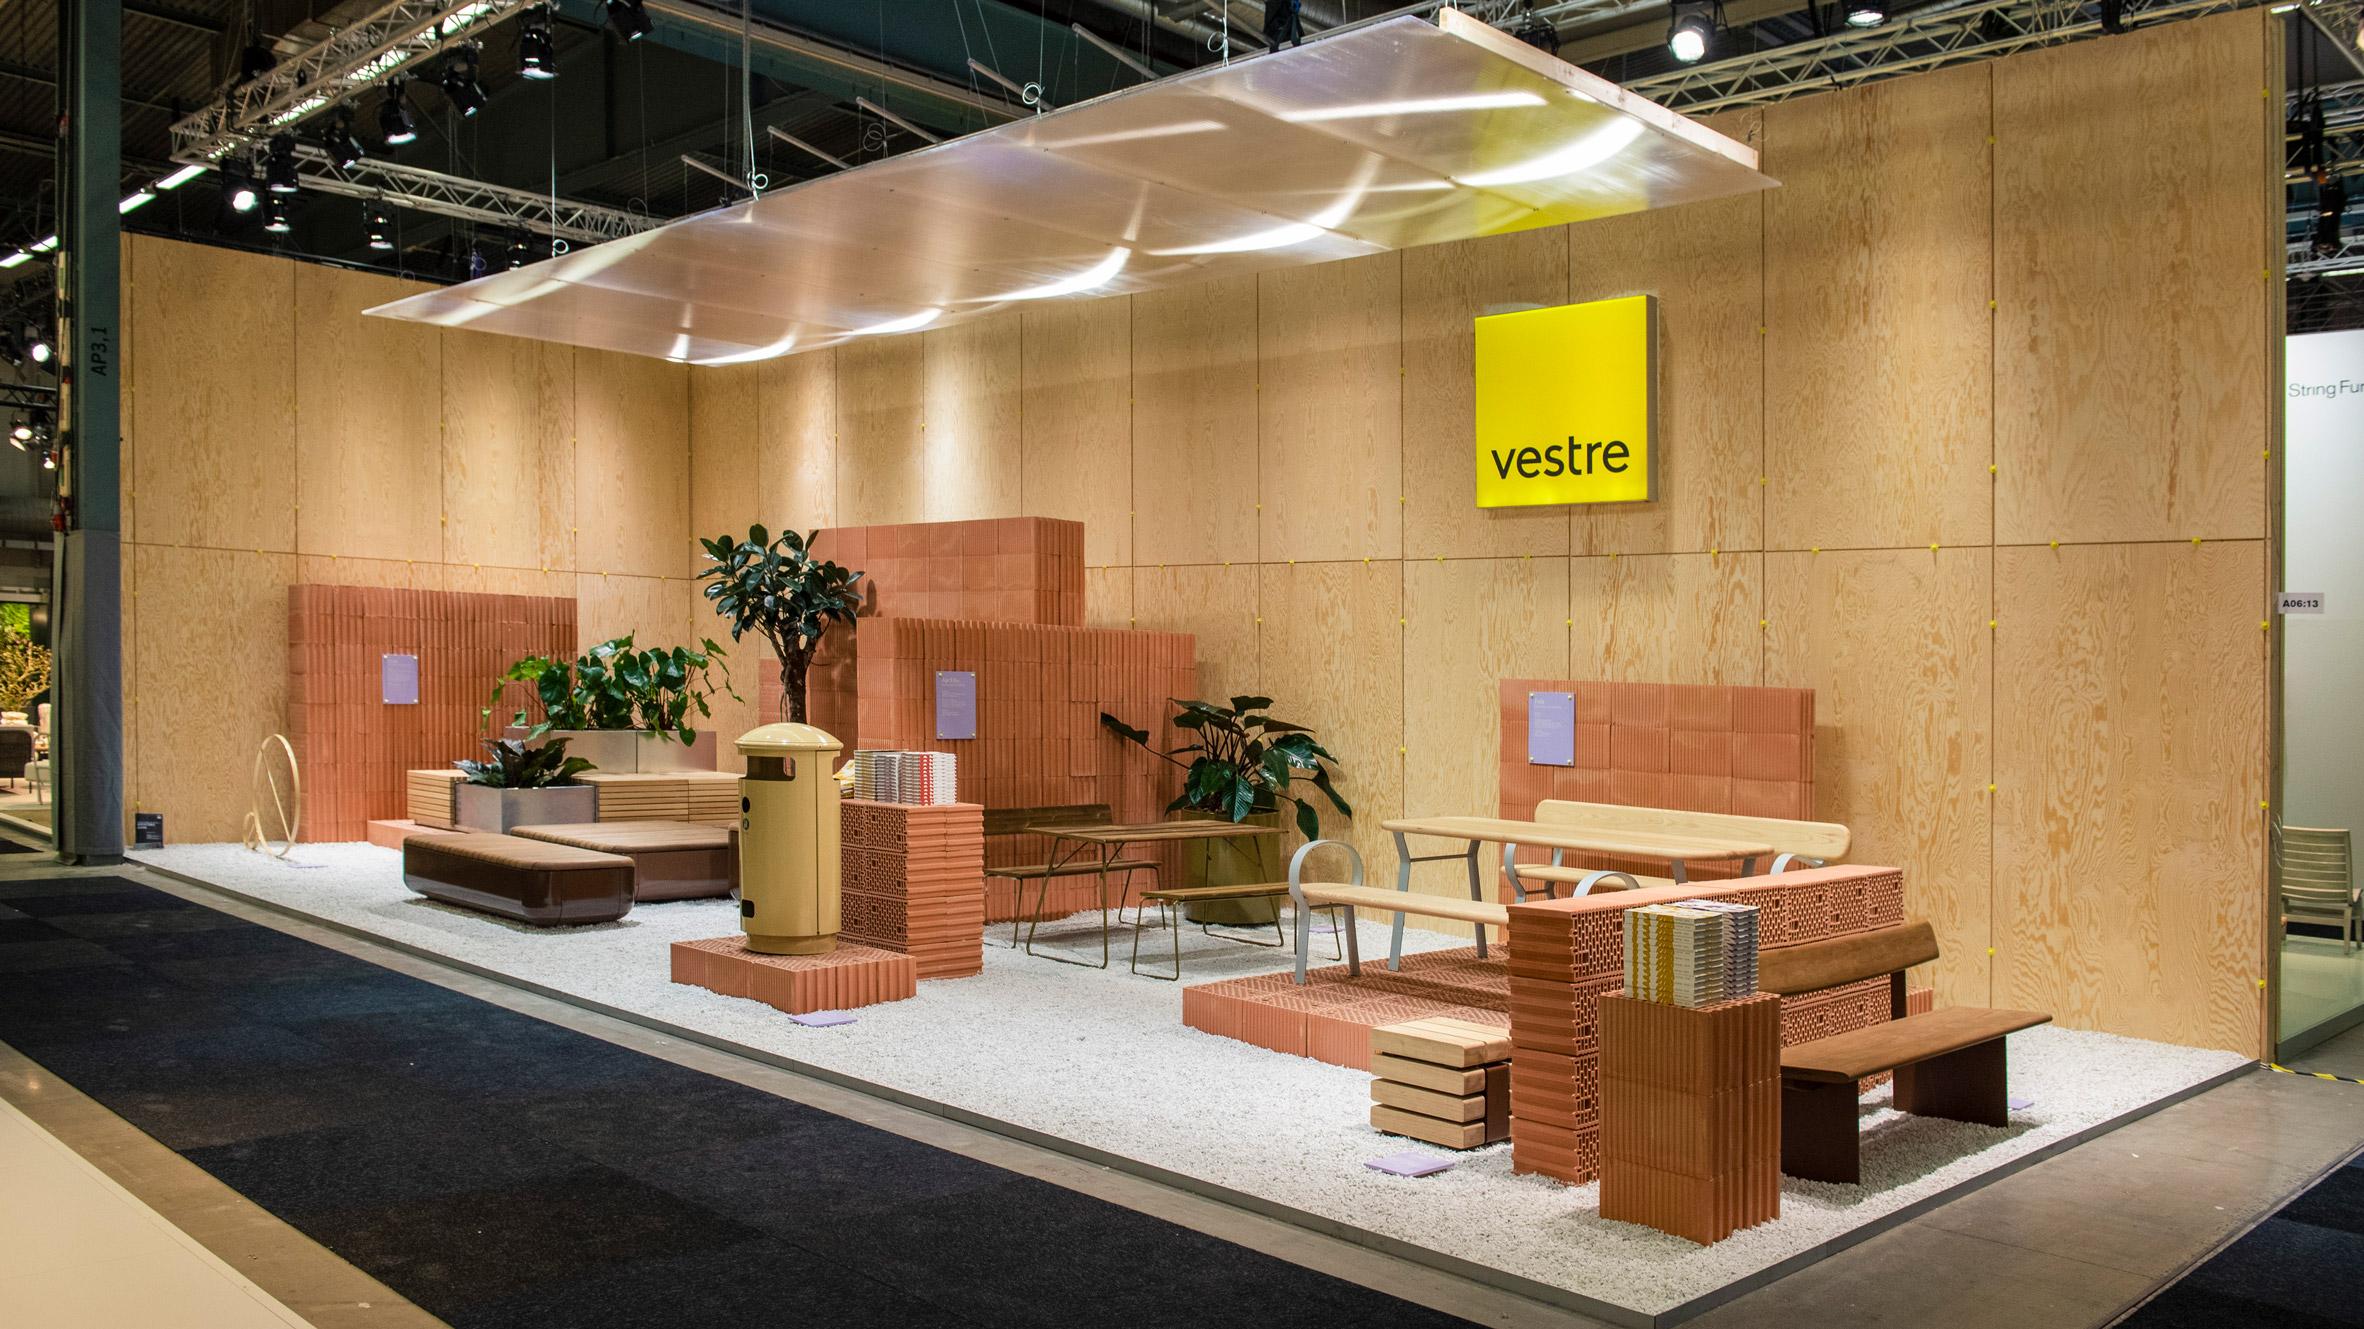 Vestre Stand by Note Design Studio